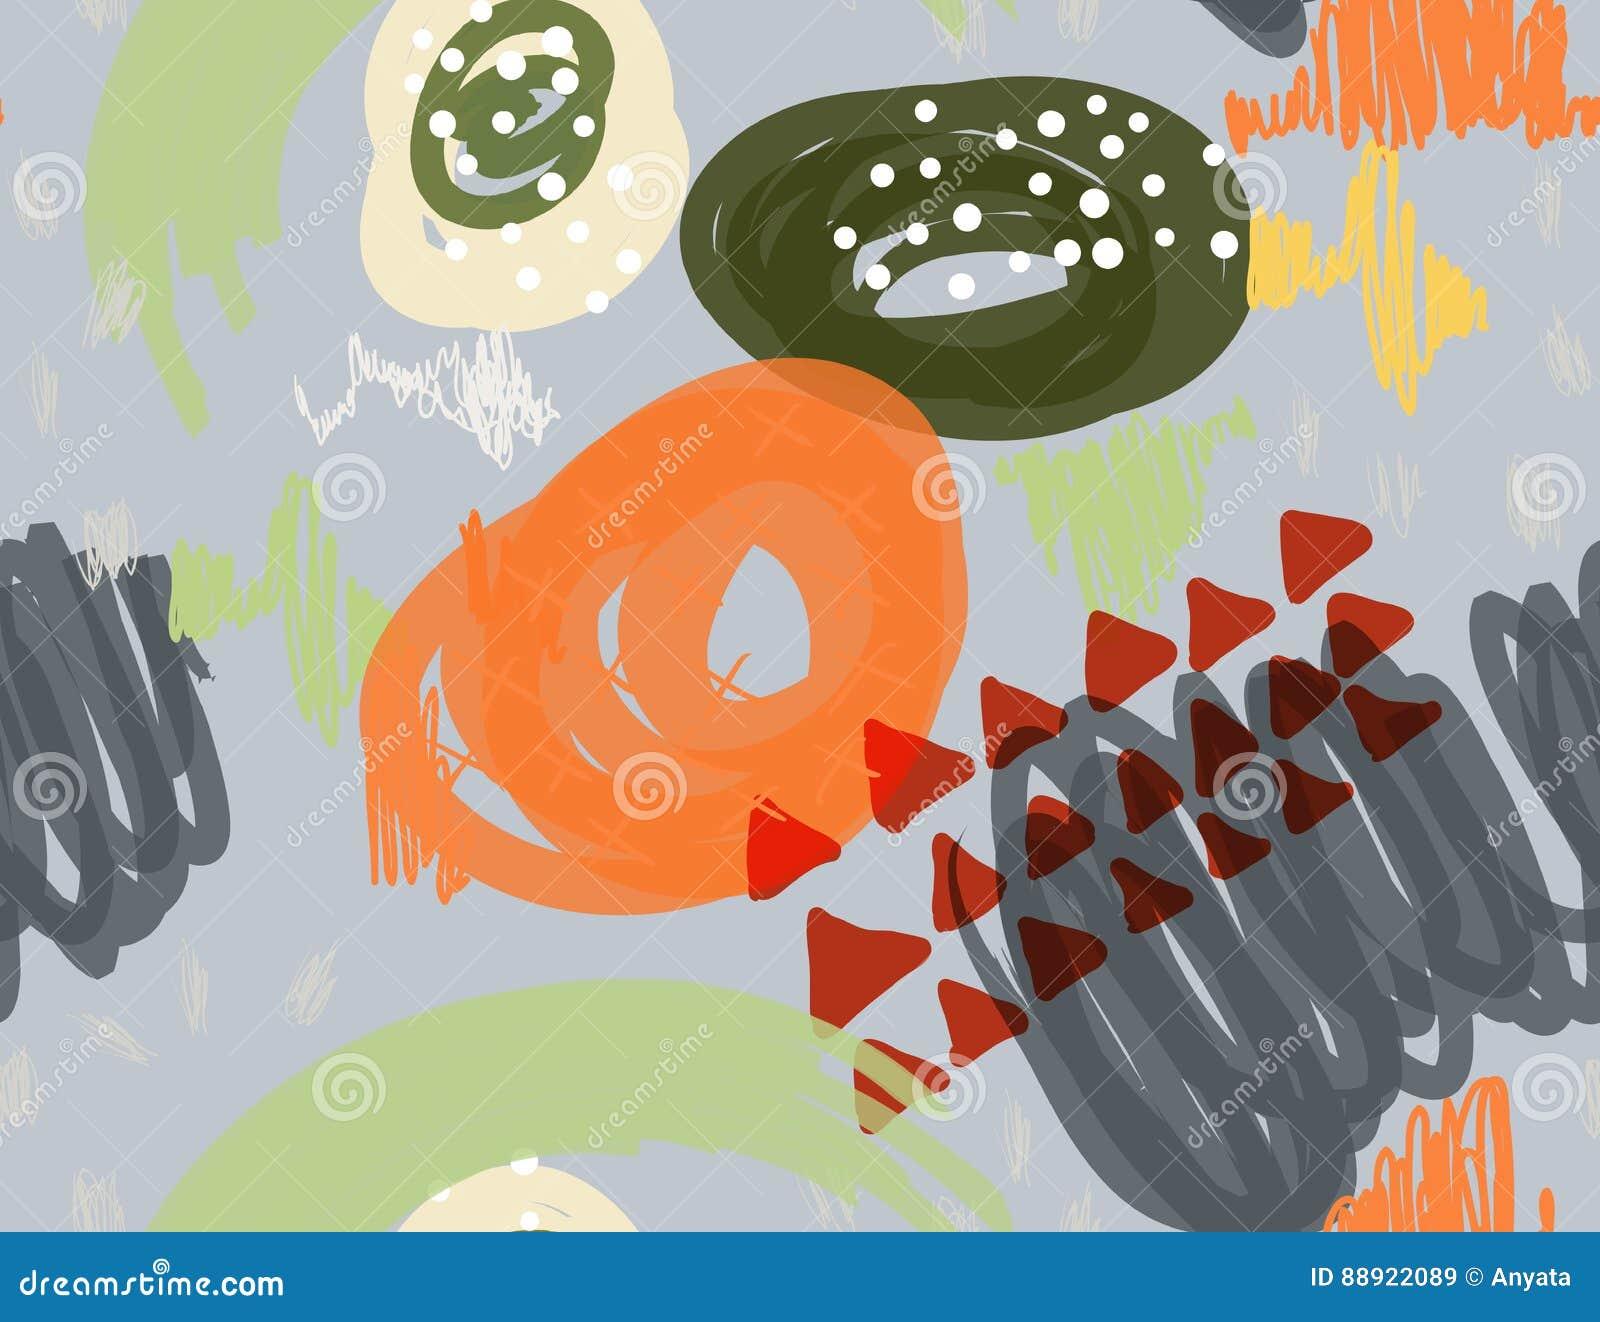 Abstrakcjonistyczny markier gryzmoli kropki i trójboki szarych